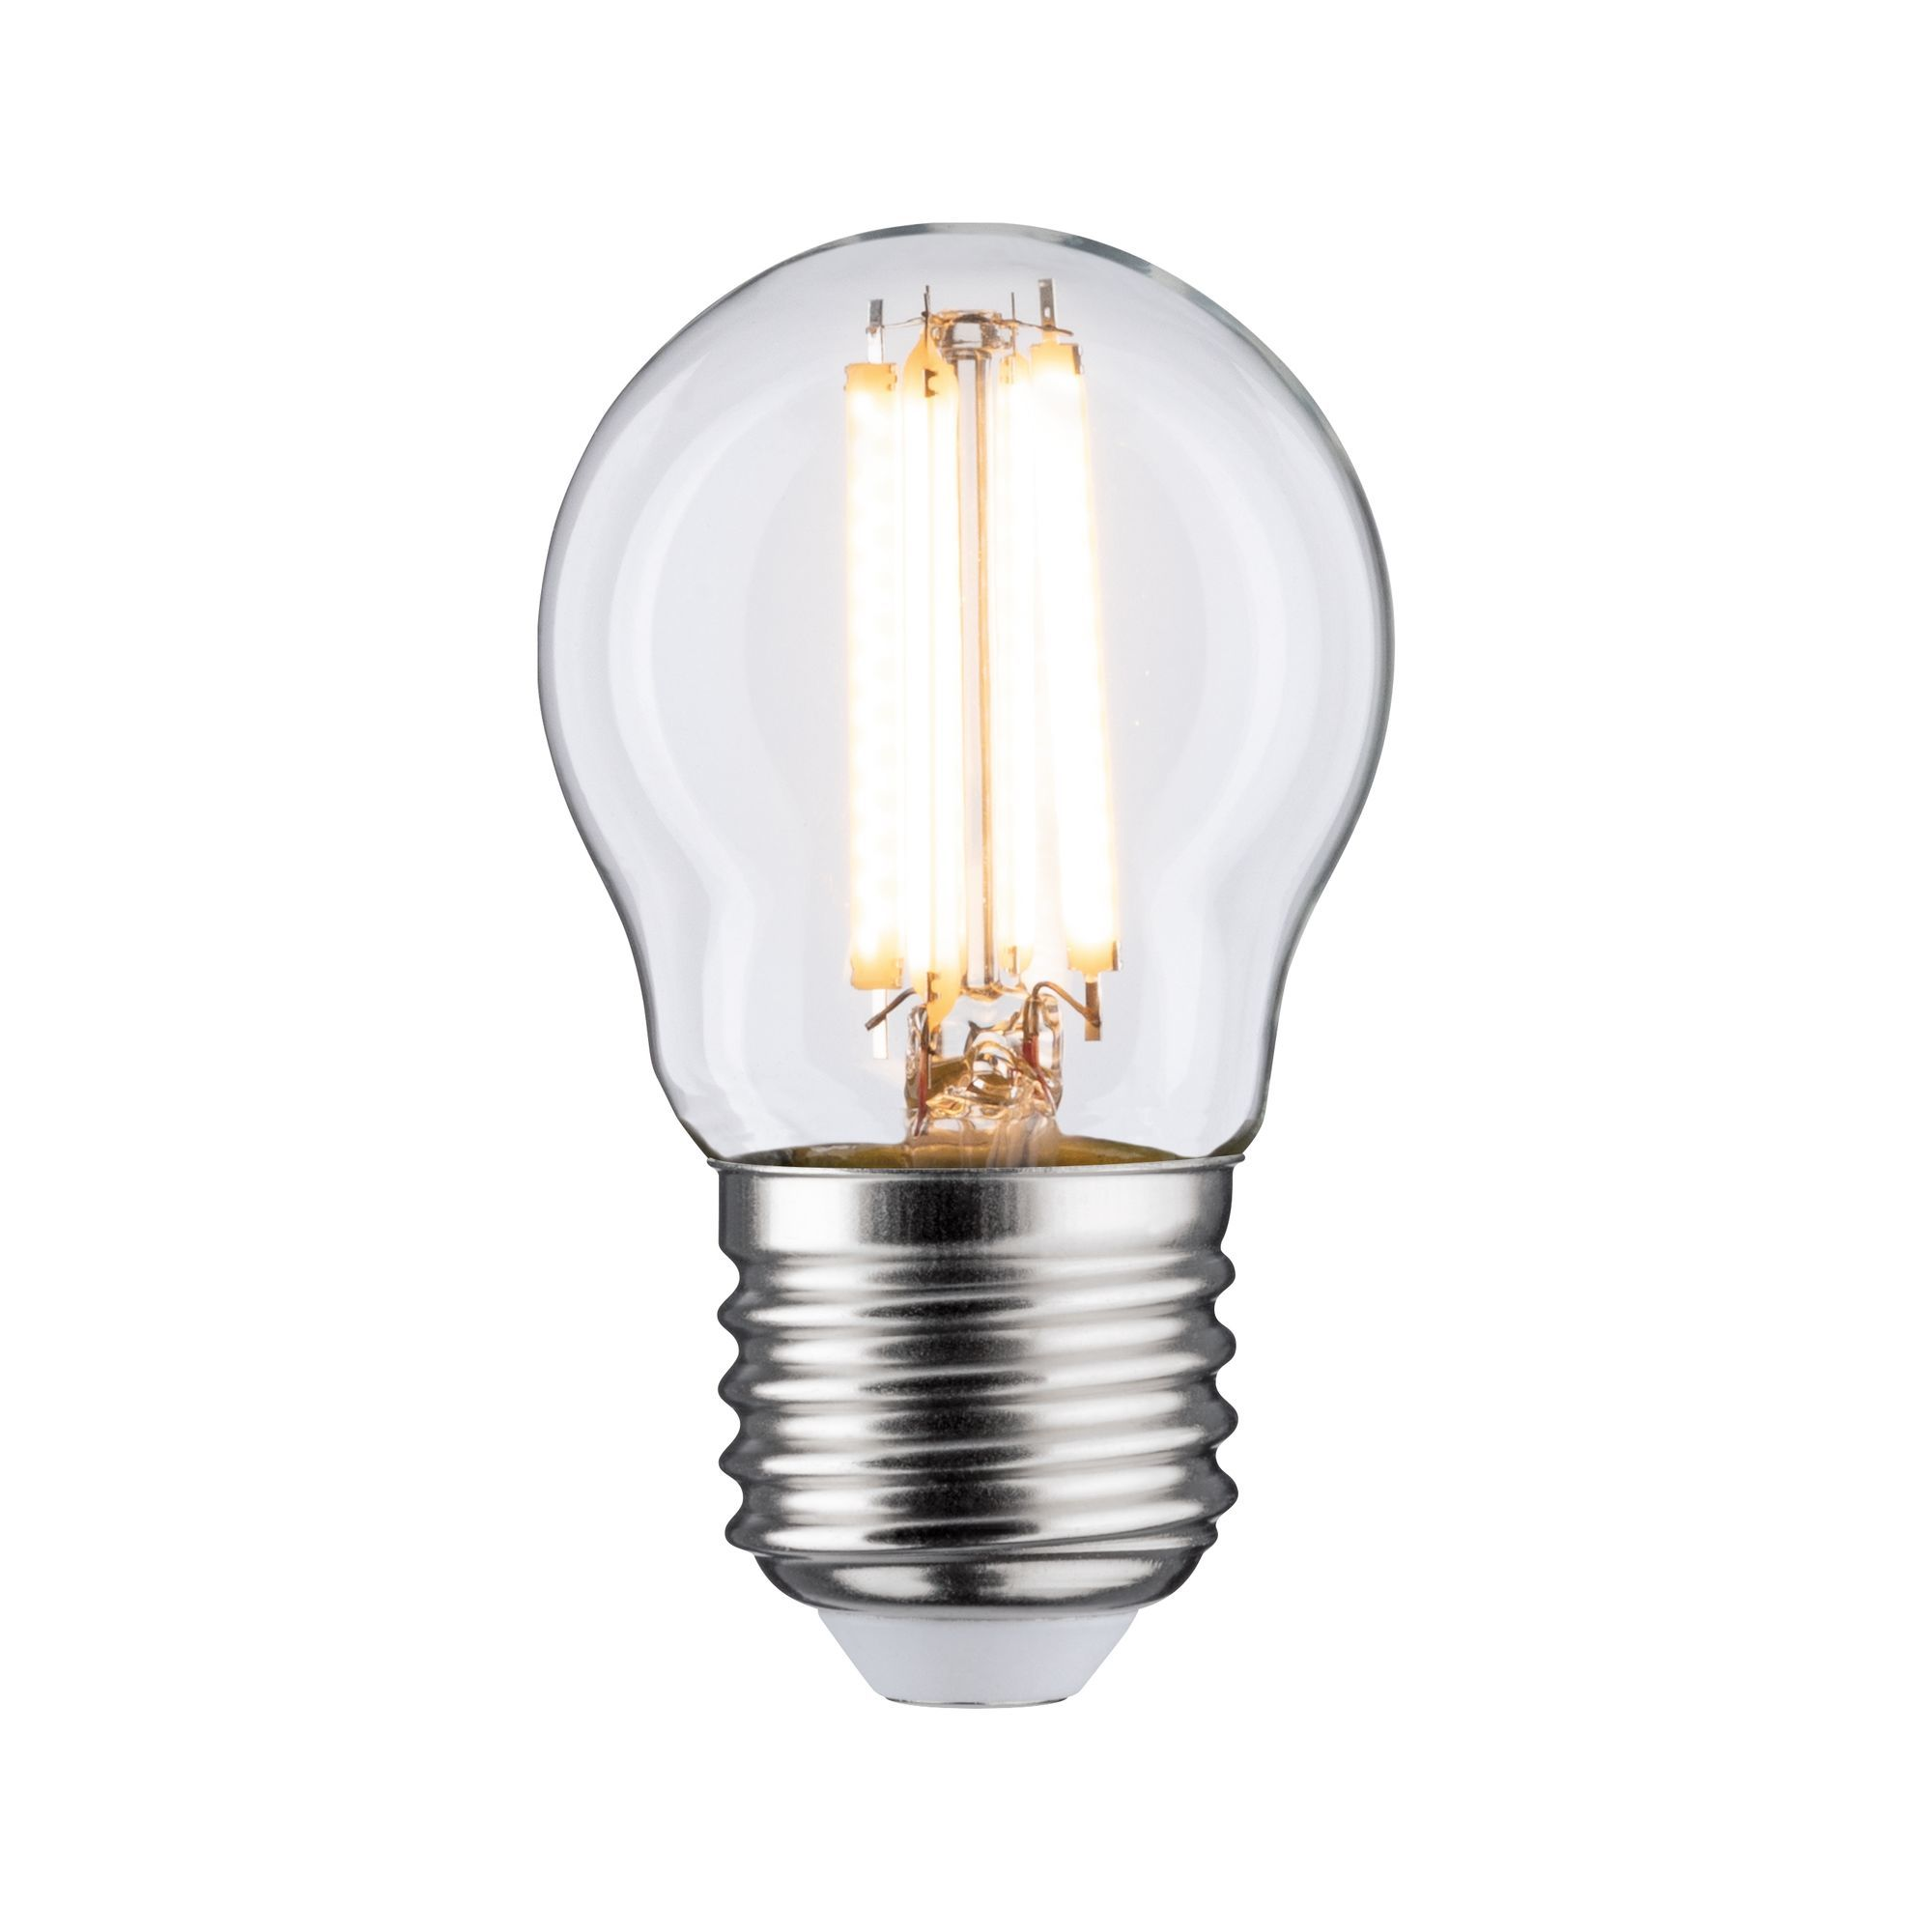 Paulmann LED Fil Tropfen 806lm E27 2700K 6,5W klar 230V (28654)